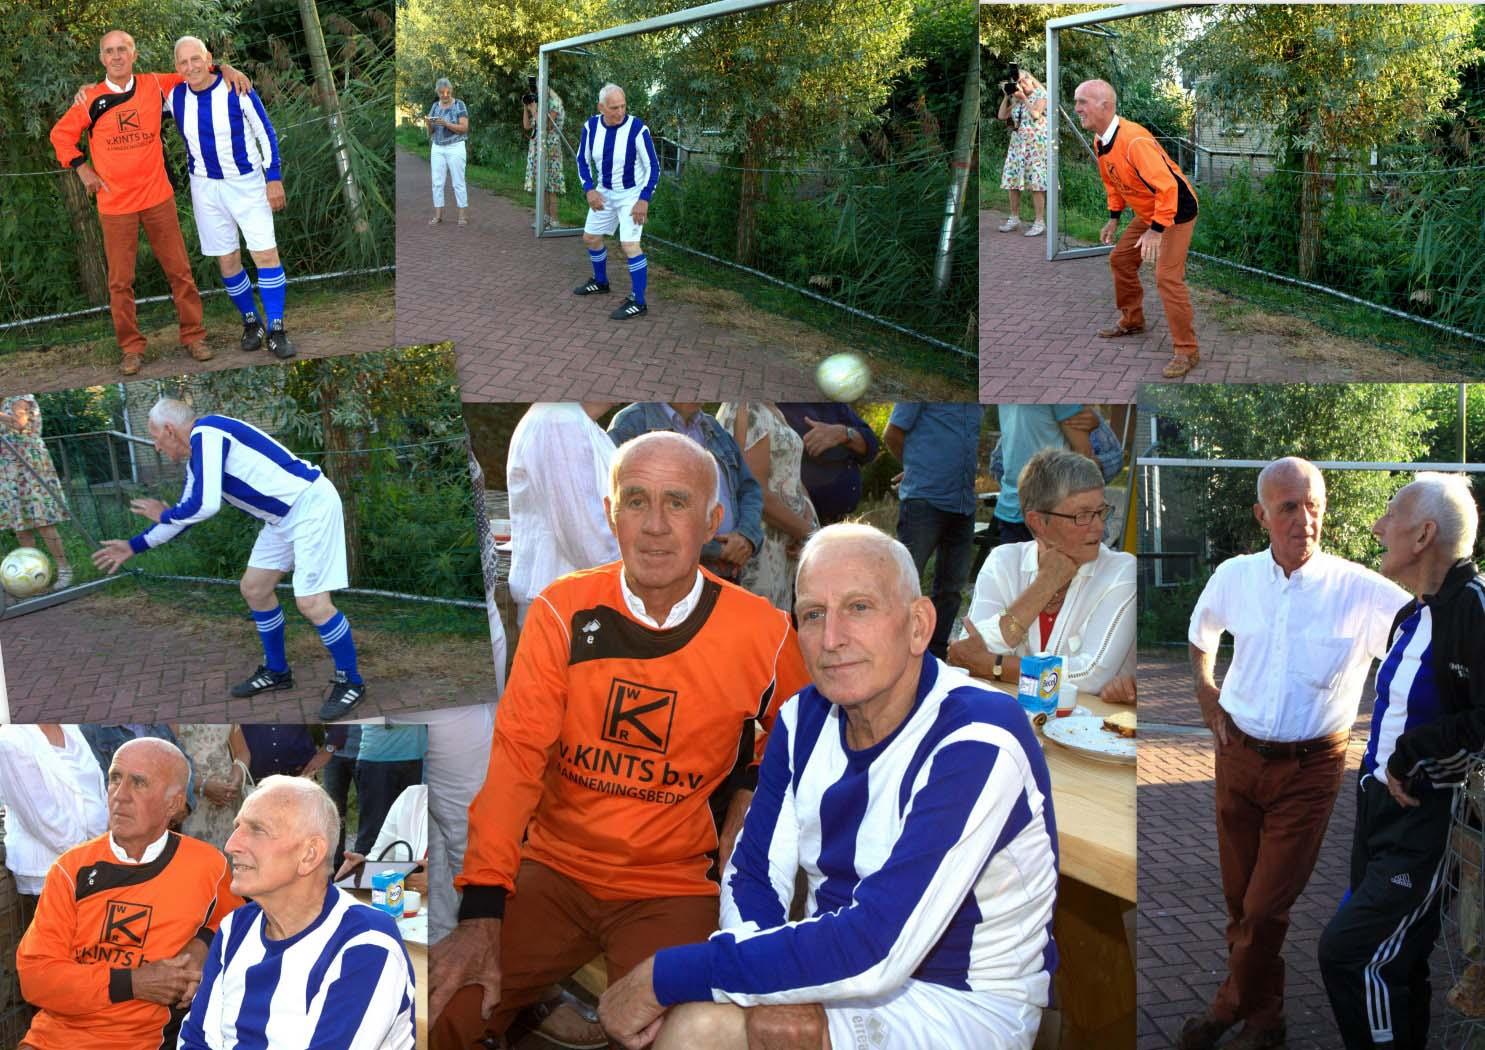 2016_09_09-expositie-sporters-van-ter-aar-10-9-2016-19-17-13-5120x3620